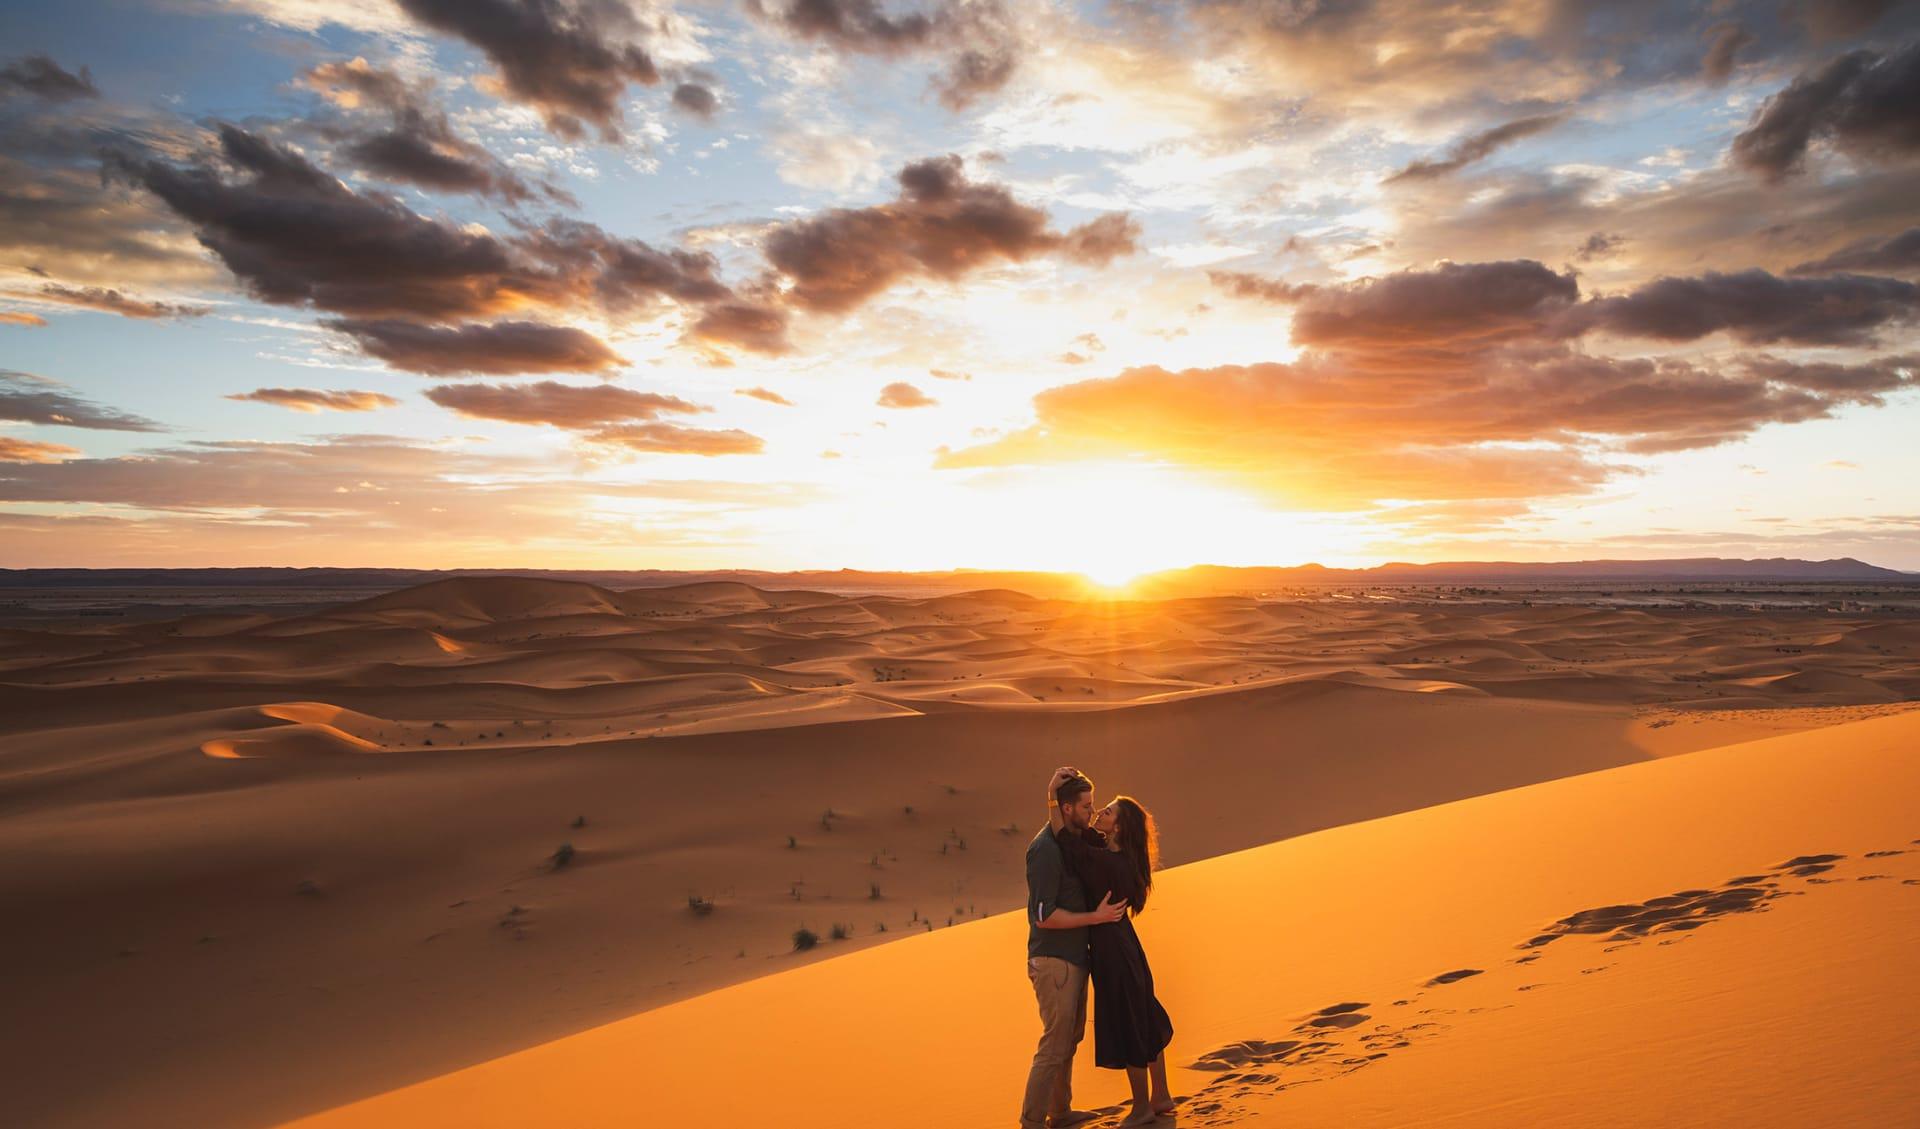 Paar in der Wüste, Dubai